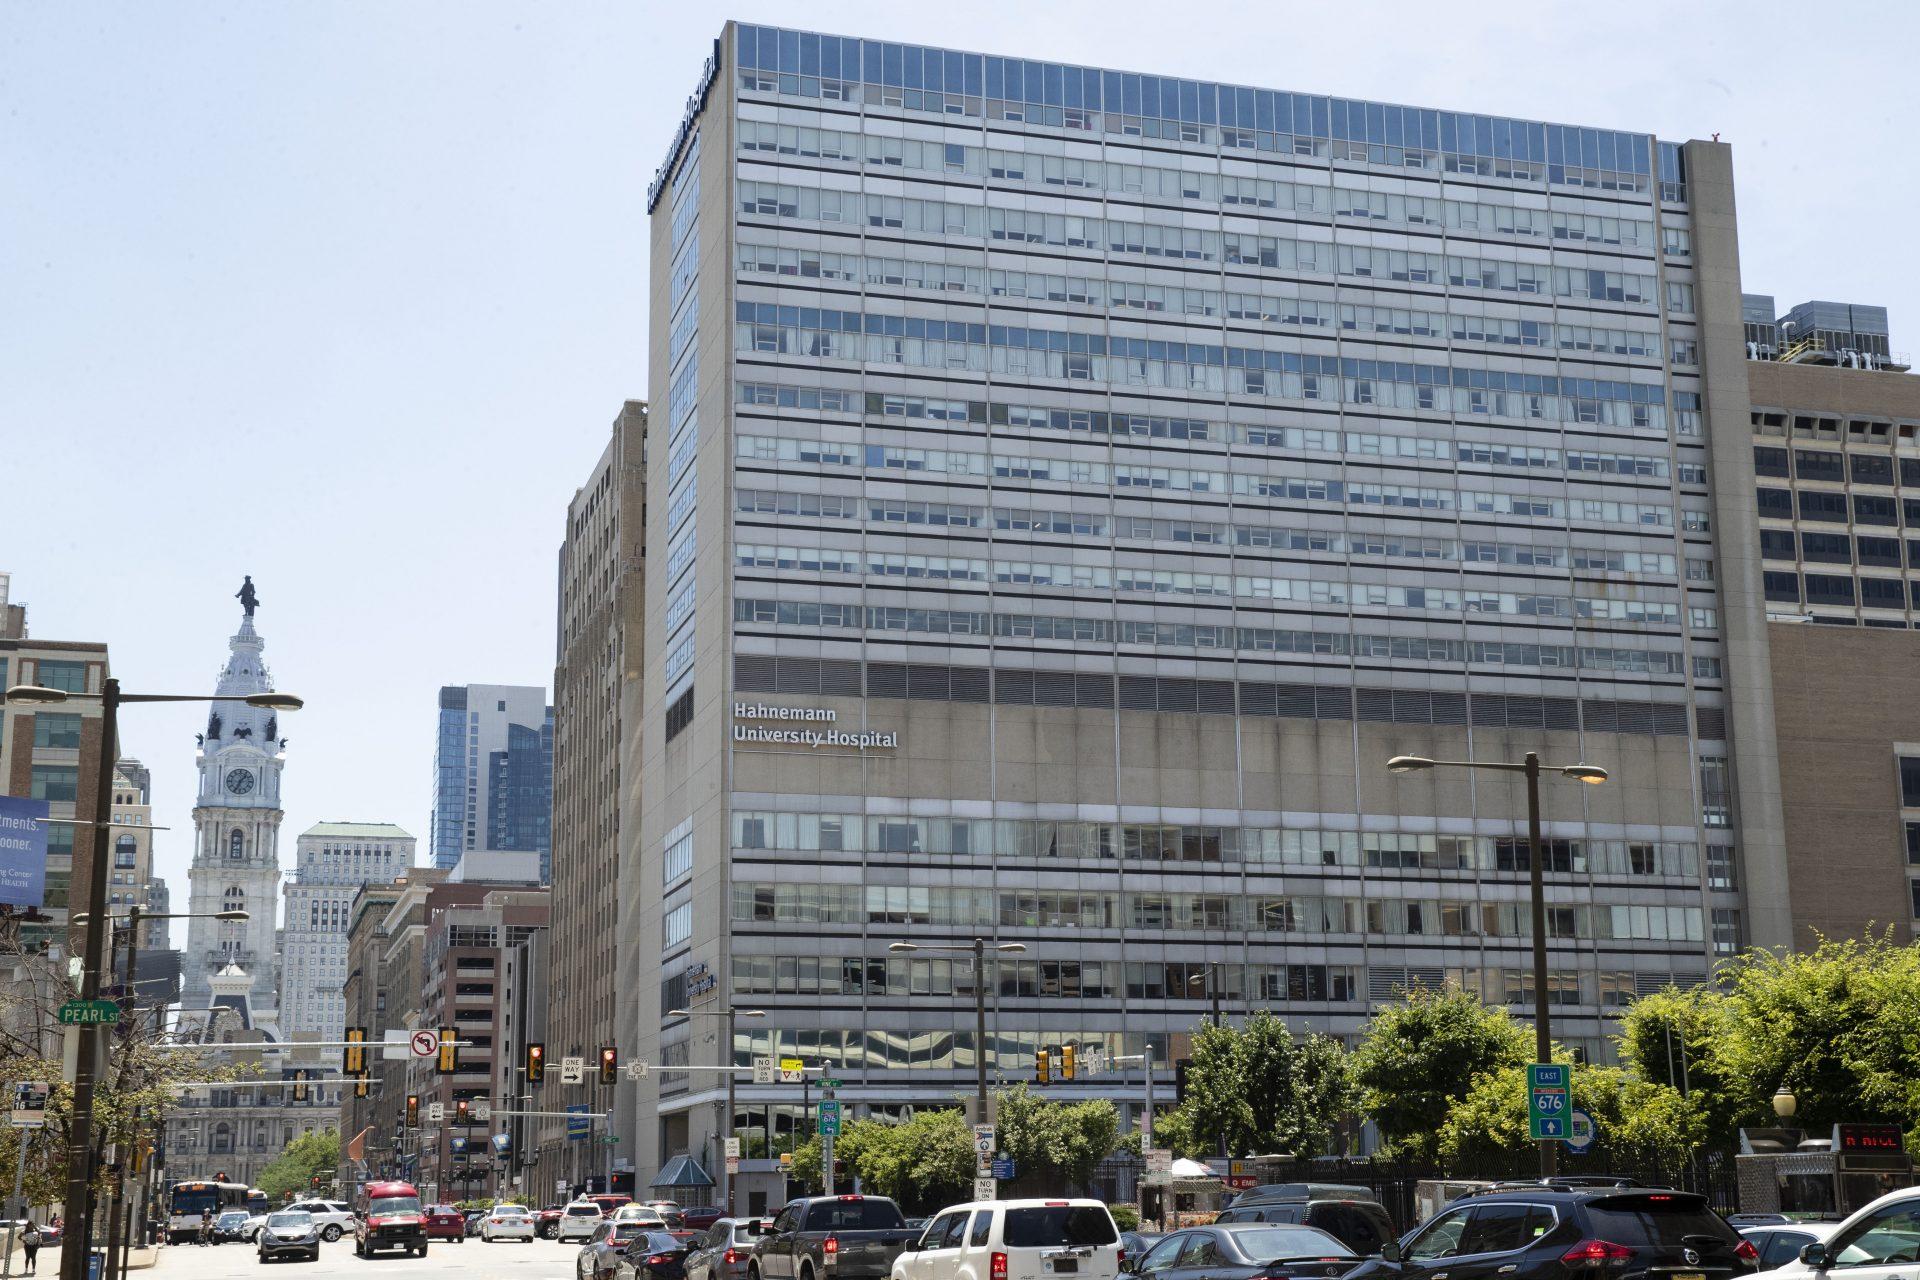 Residency sale stalemate hangs up ruling in Hahnemann